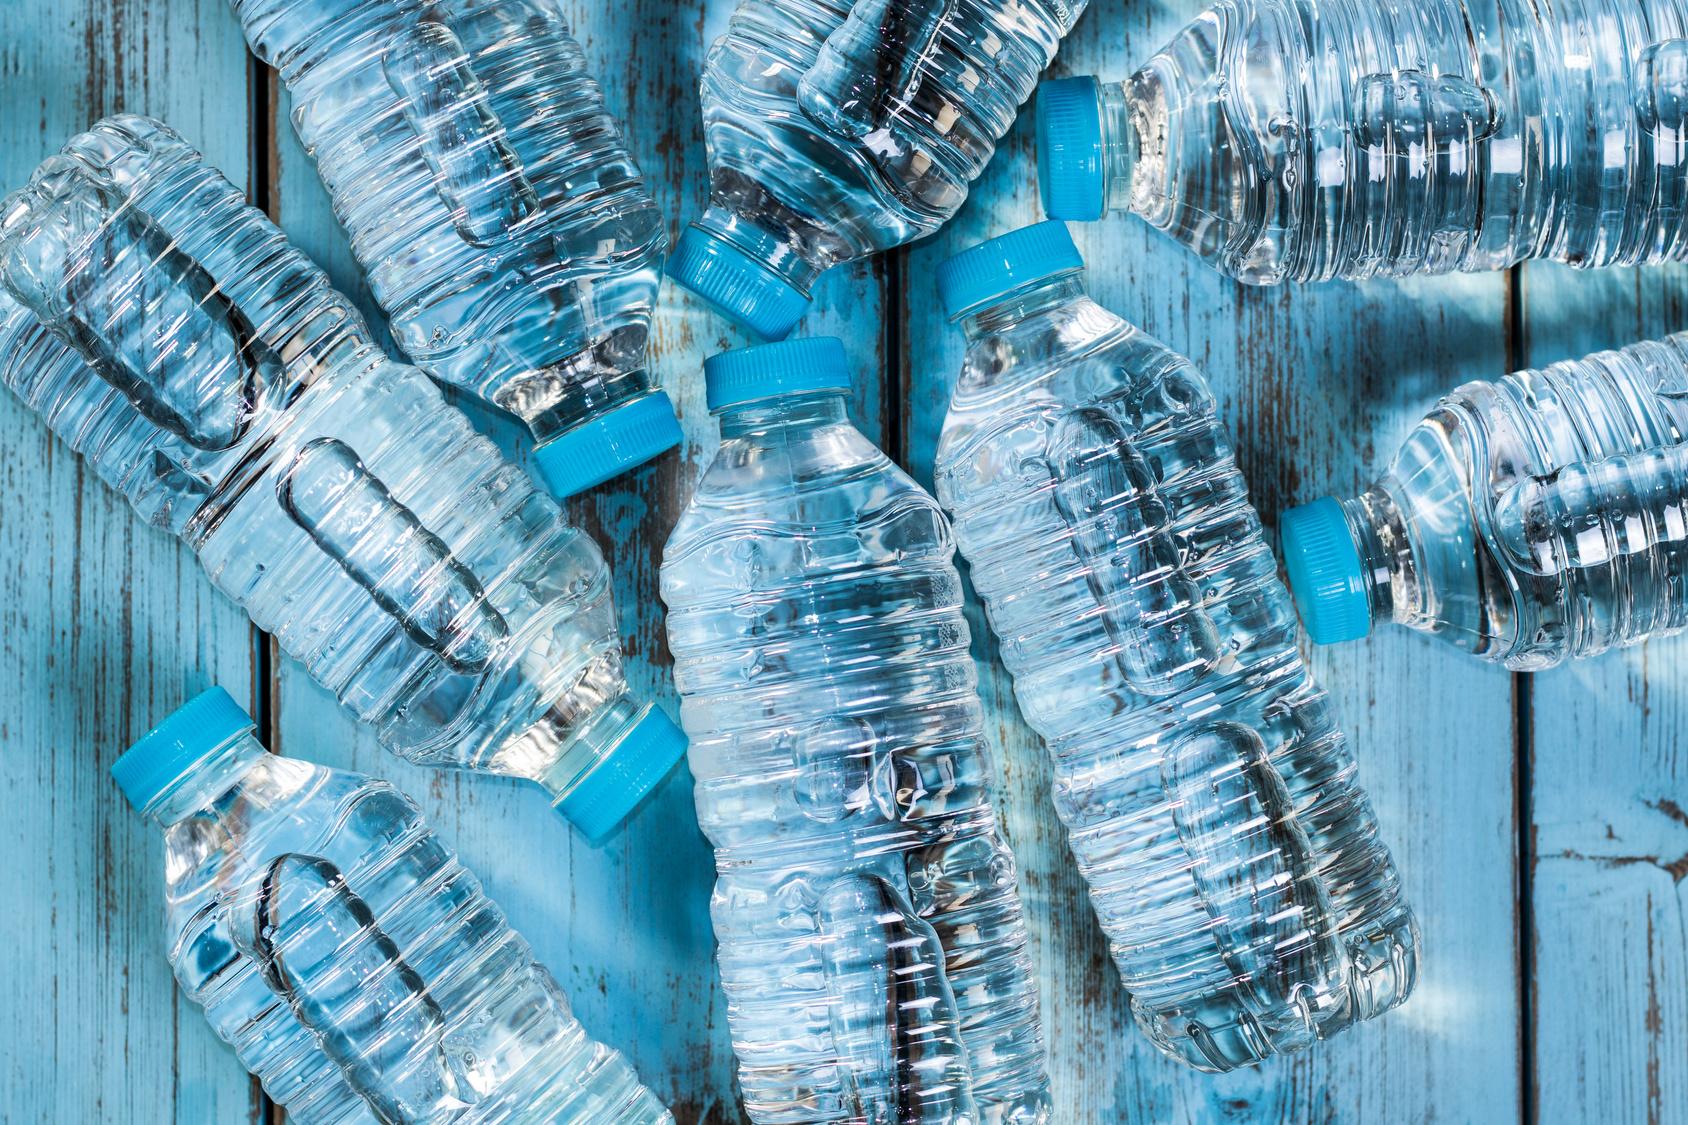 Ogni anno l'Unione produce 25 milioni di tonnellate di rifiuti di plastica, ma solo il 30% è raccolto e riciclato!